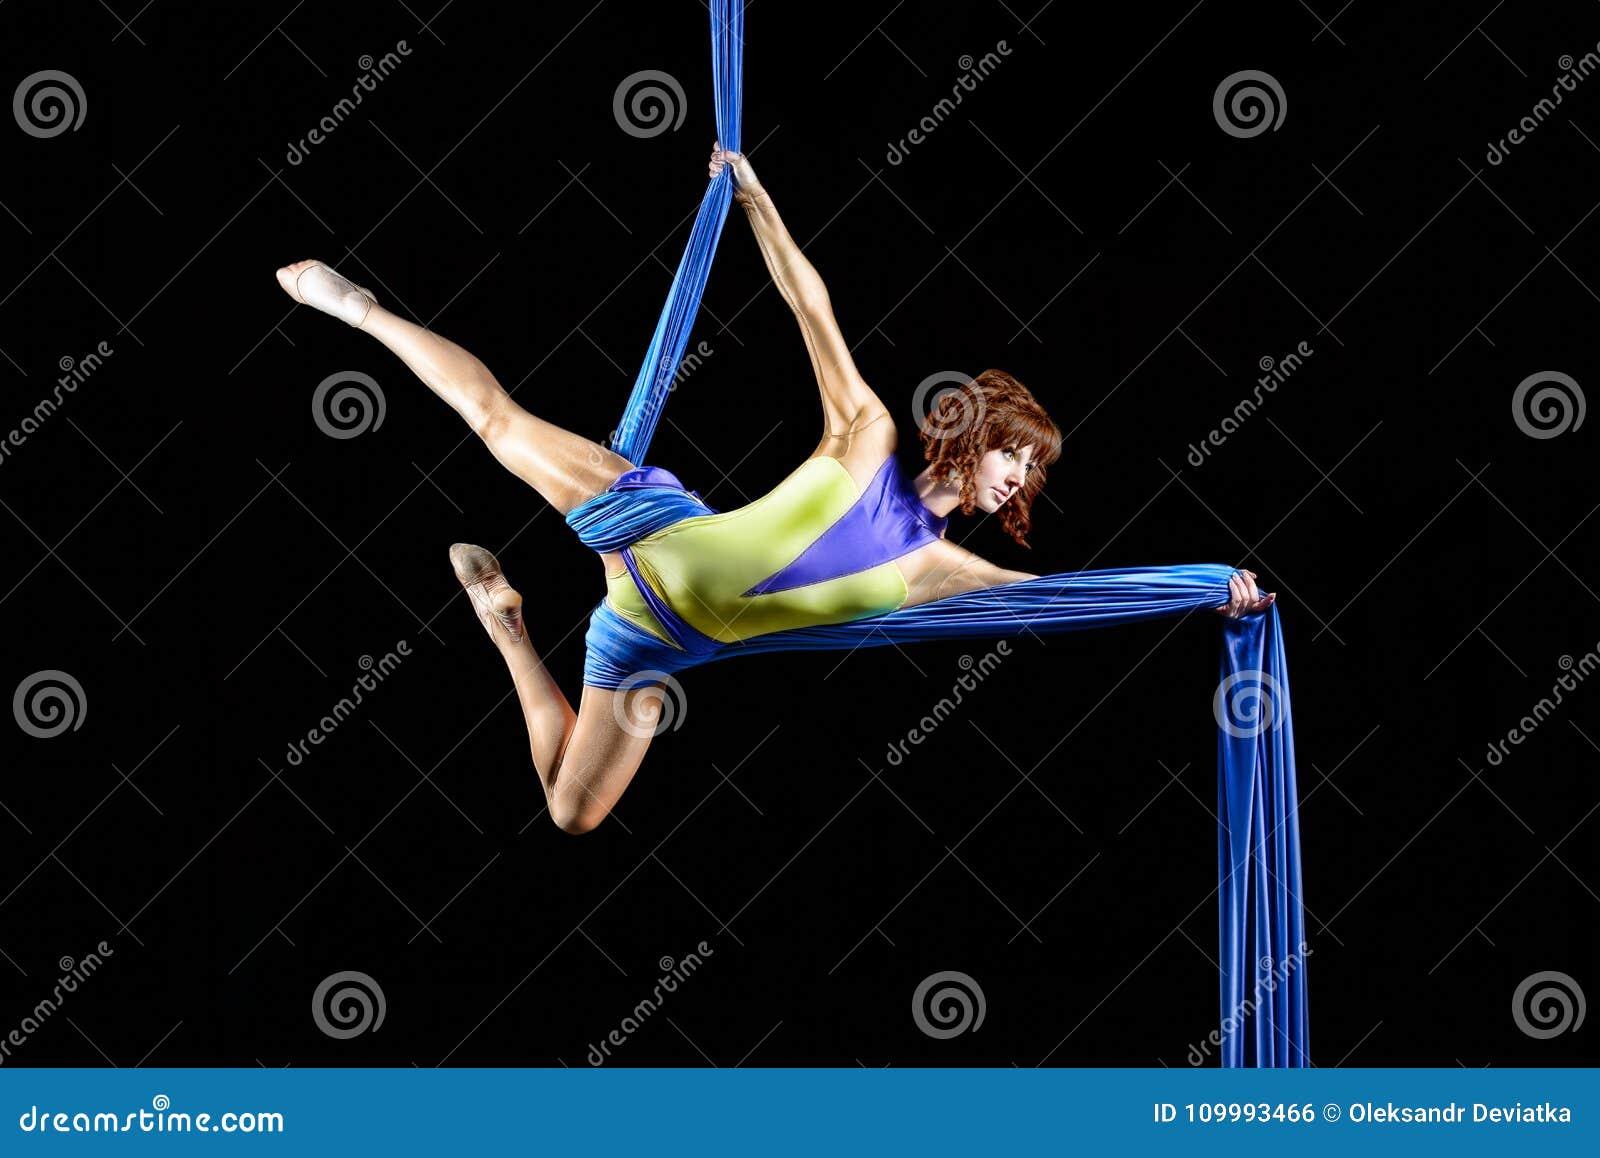 Bei giovani, artista aereo professionista del circo della donna sexy atletica con la testarossa in costume giallo che posa diagon